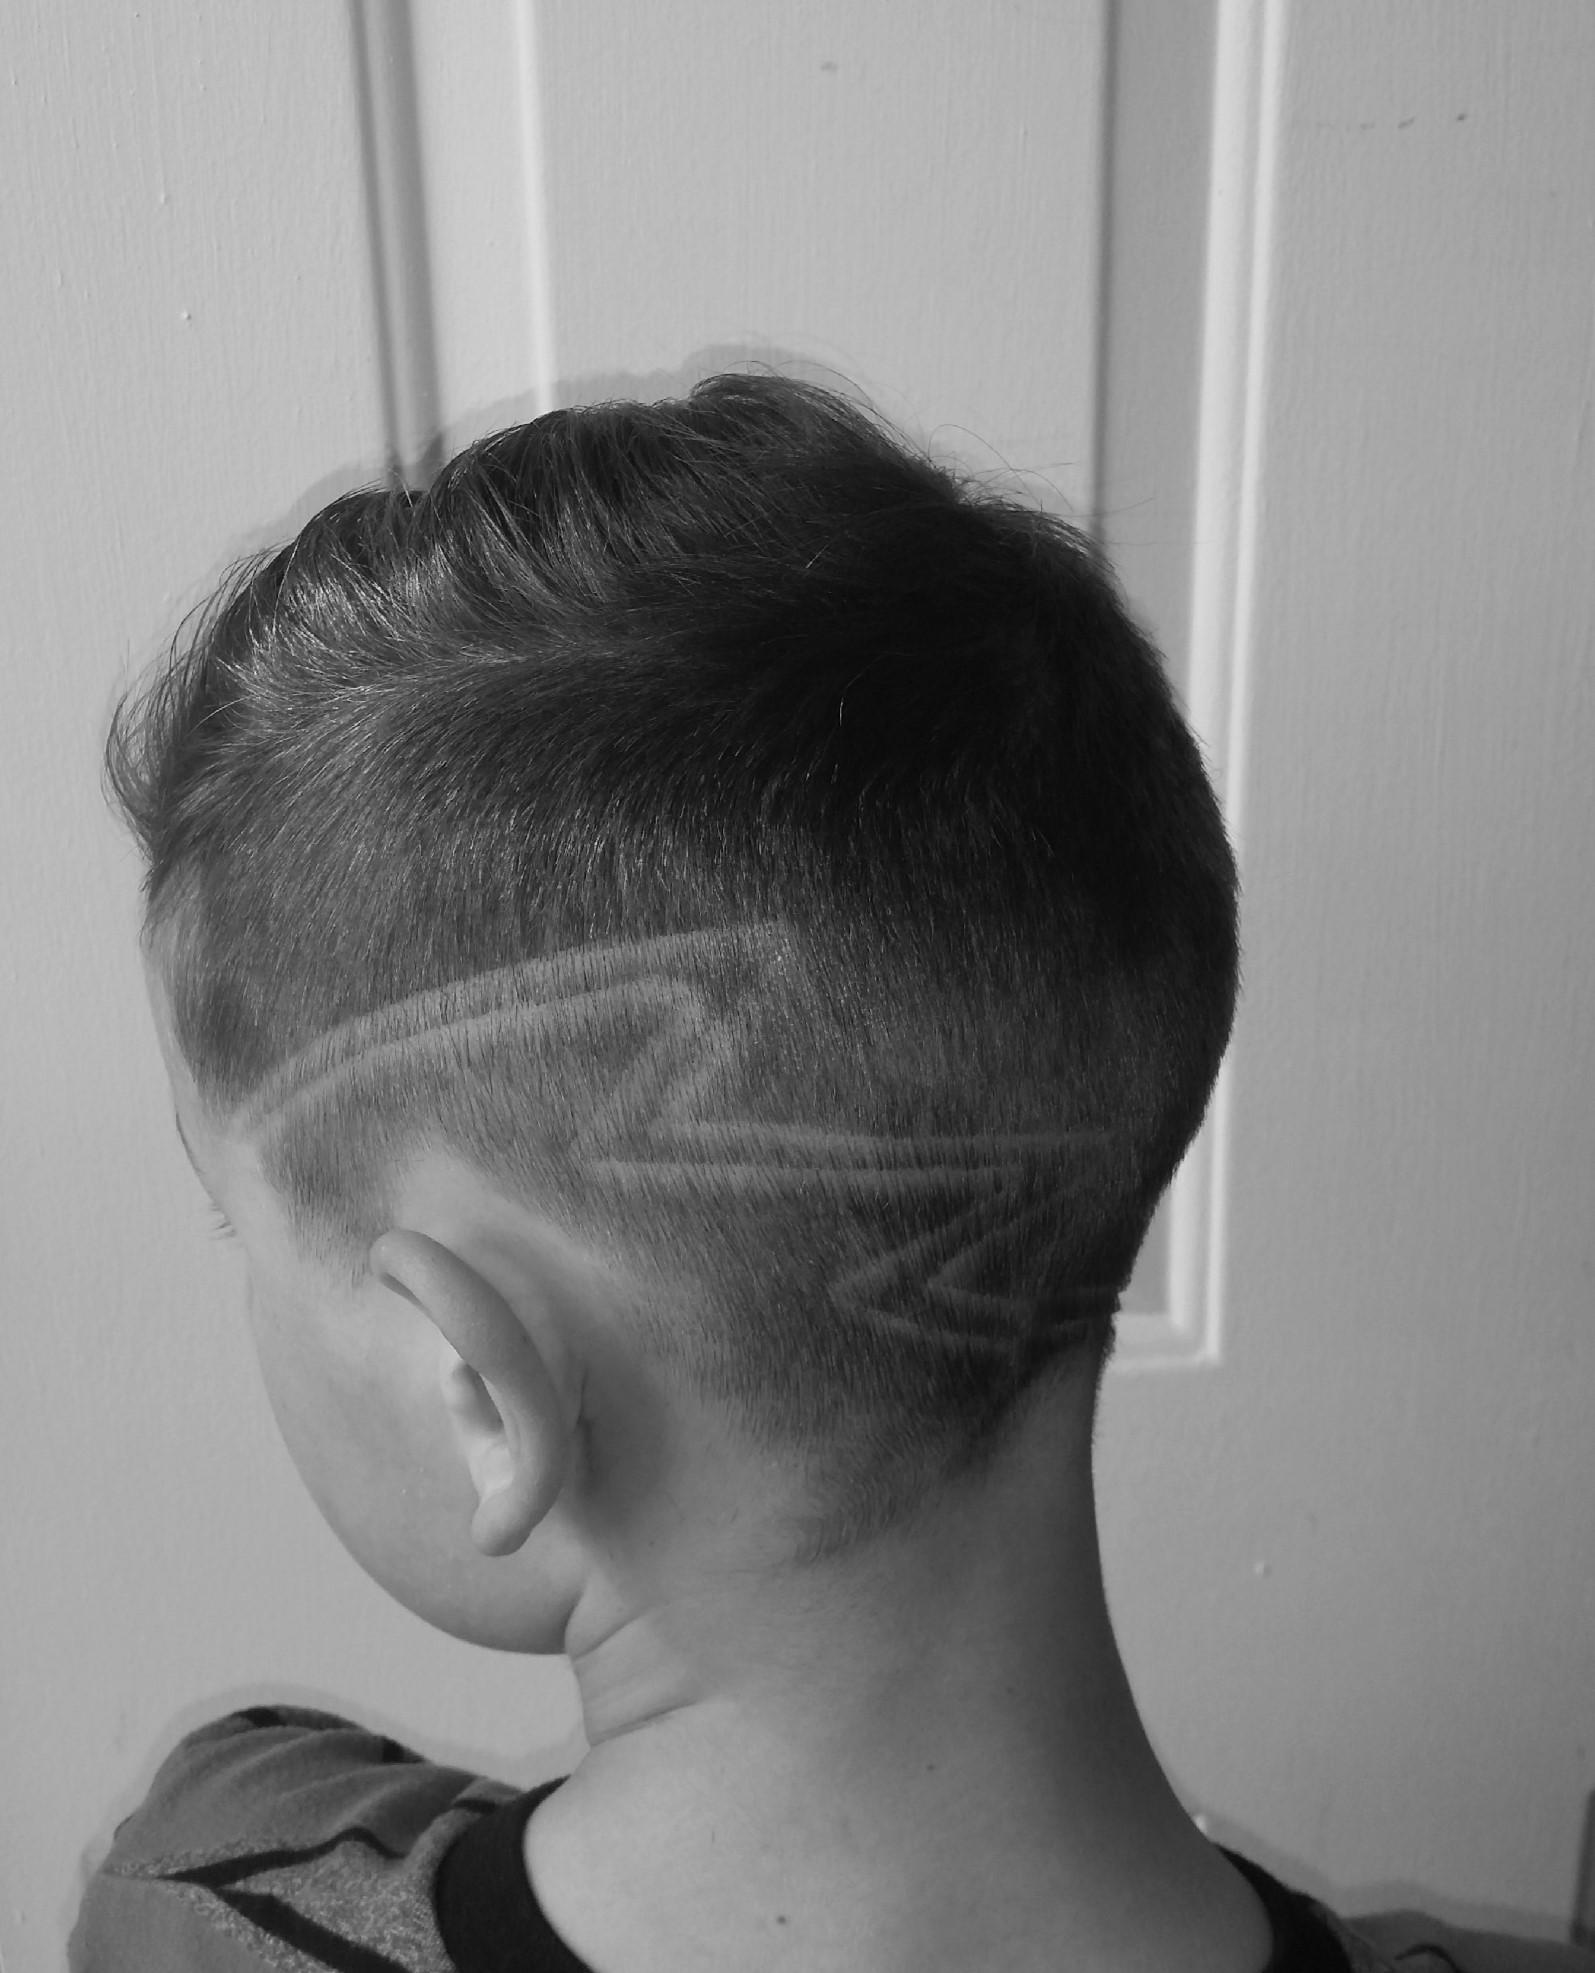 Youth Hair Cuts*